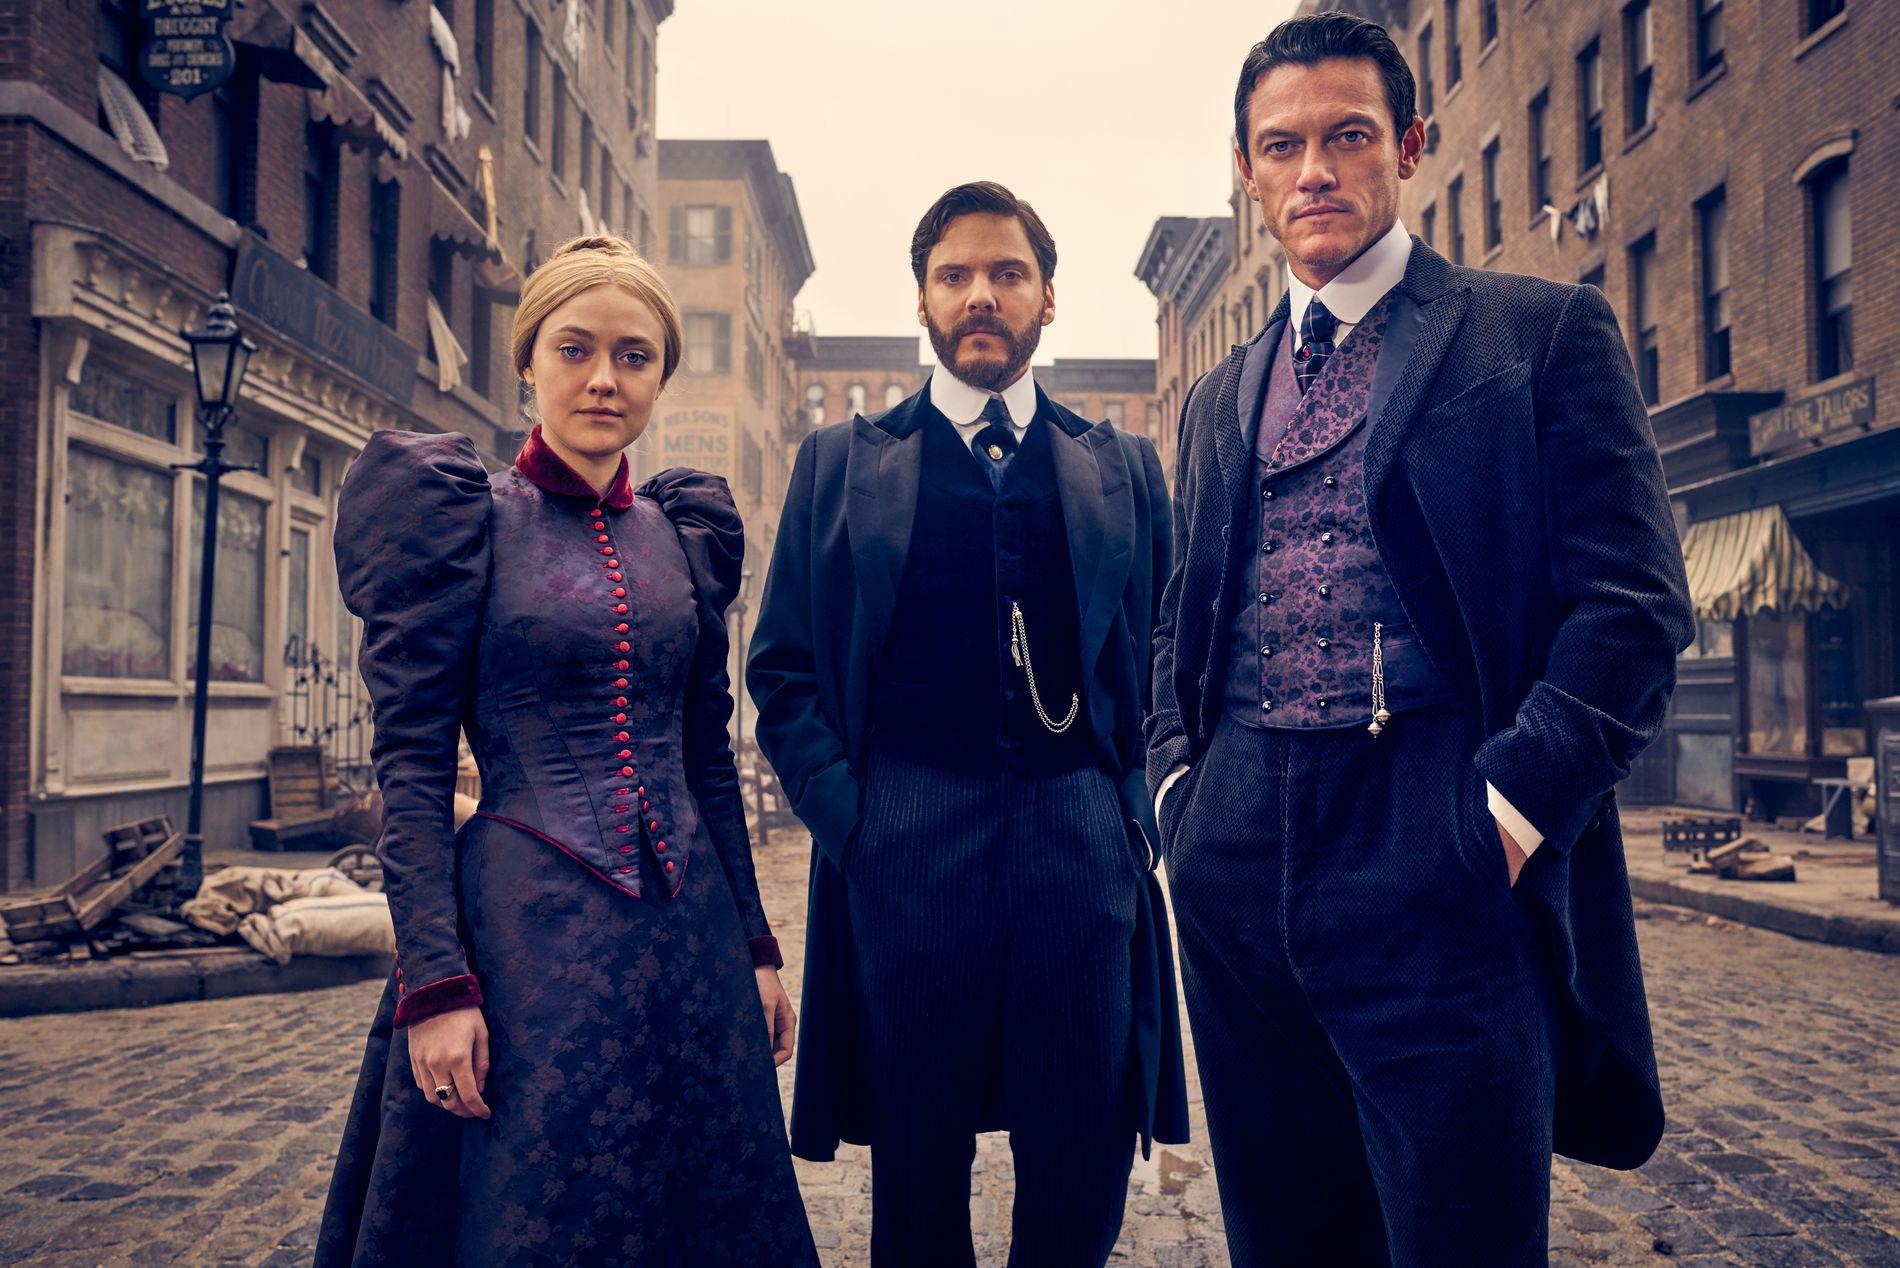 DE TREIGE TRE: Dakota Fanning, Daniel Brühl og Luke Evans i «The Alienist».